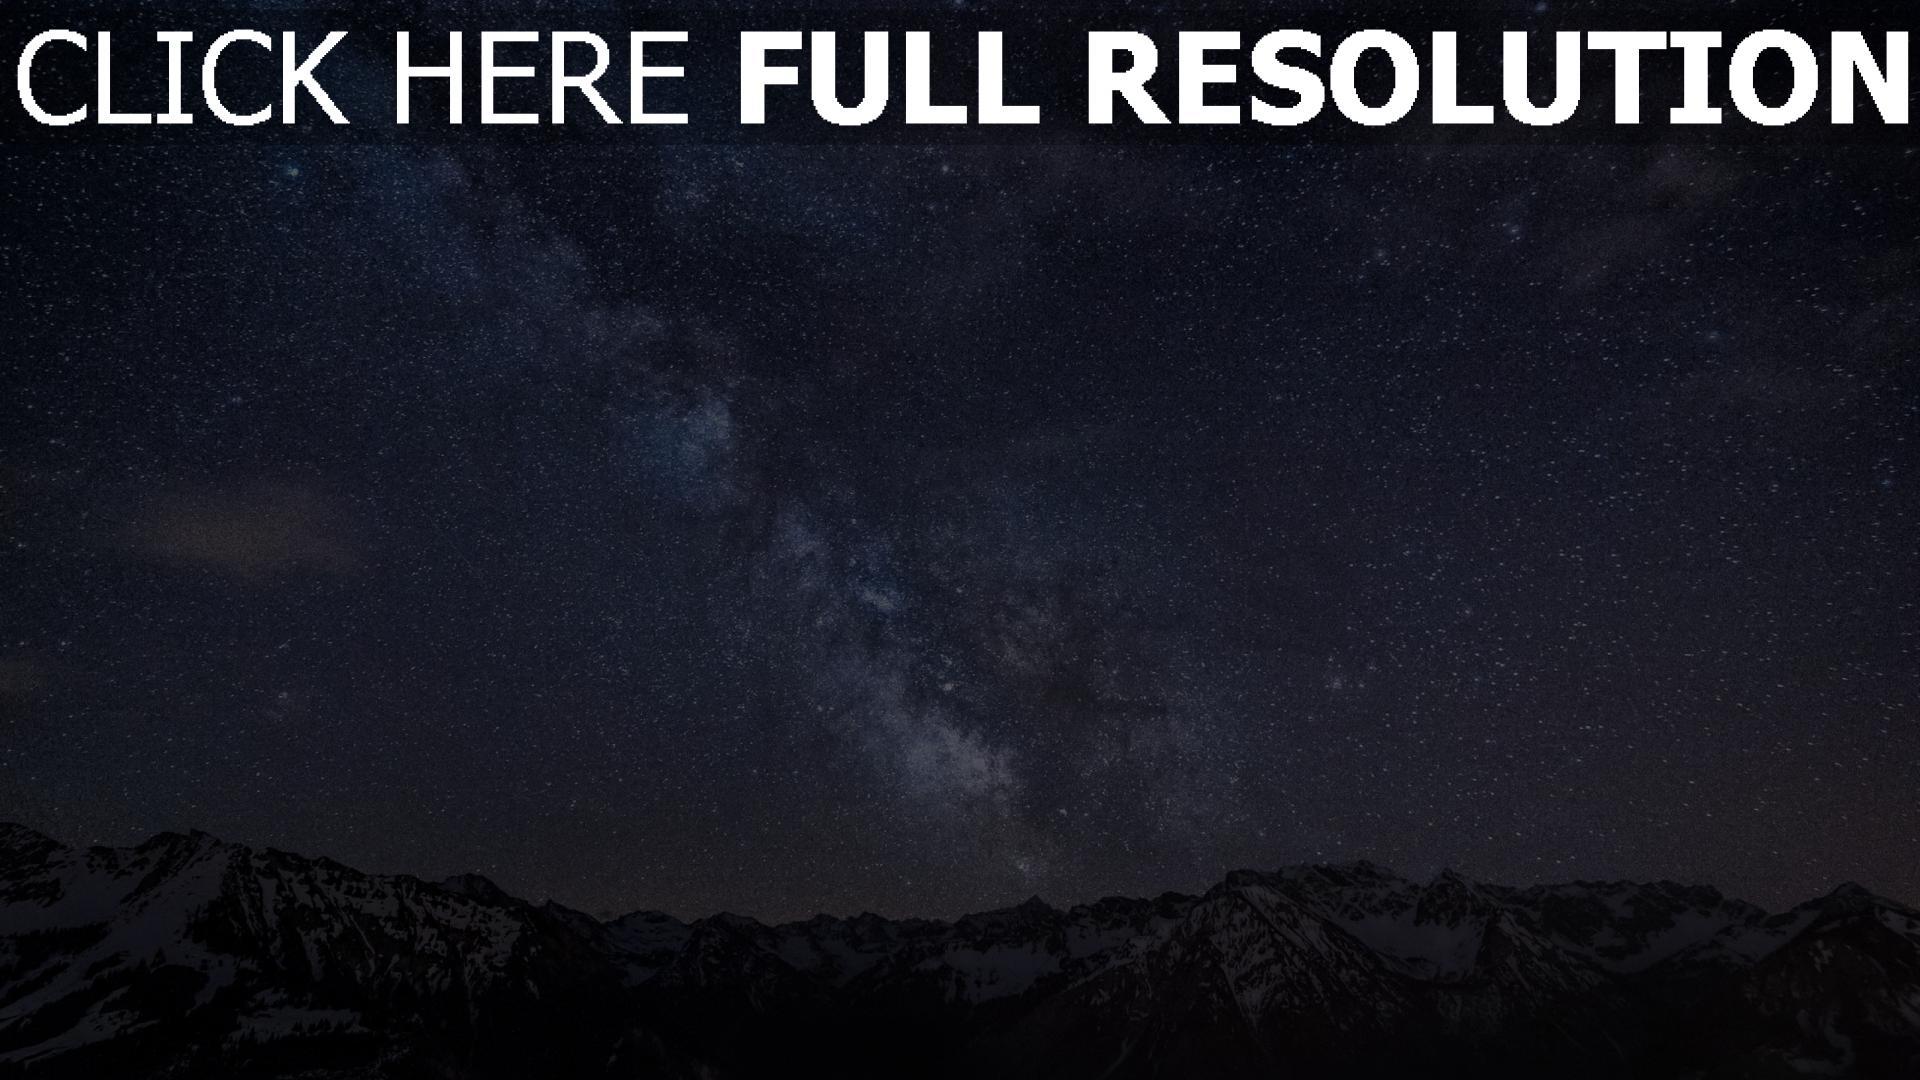 hd hintergrundbilder gebirge nachthimmel sterne milchstraße 1920x1080